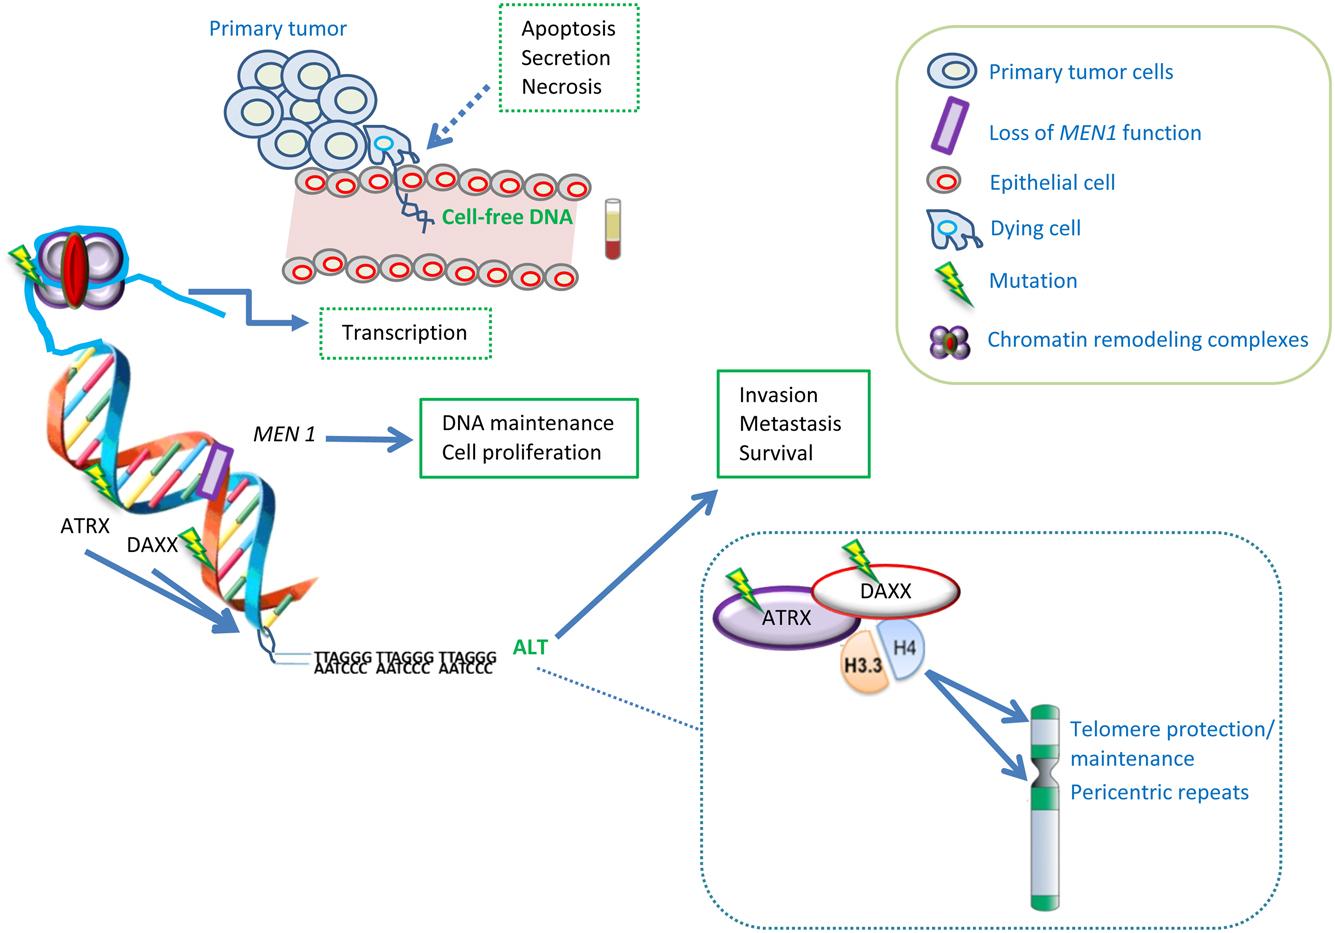 neuroendocrine cancer biomarker)